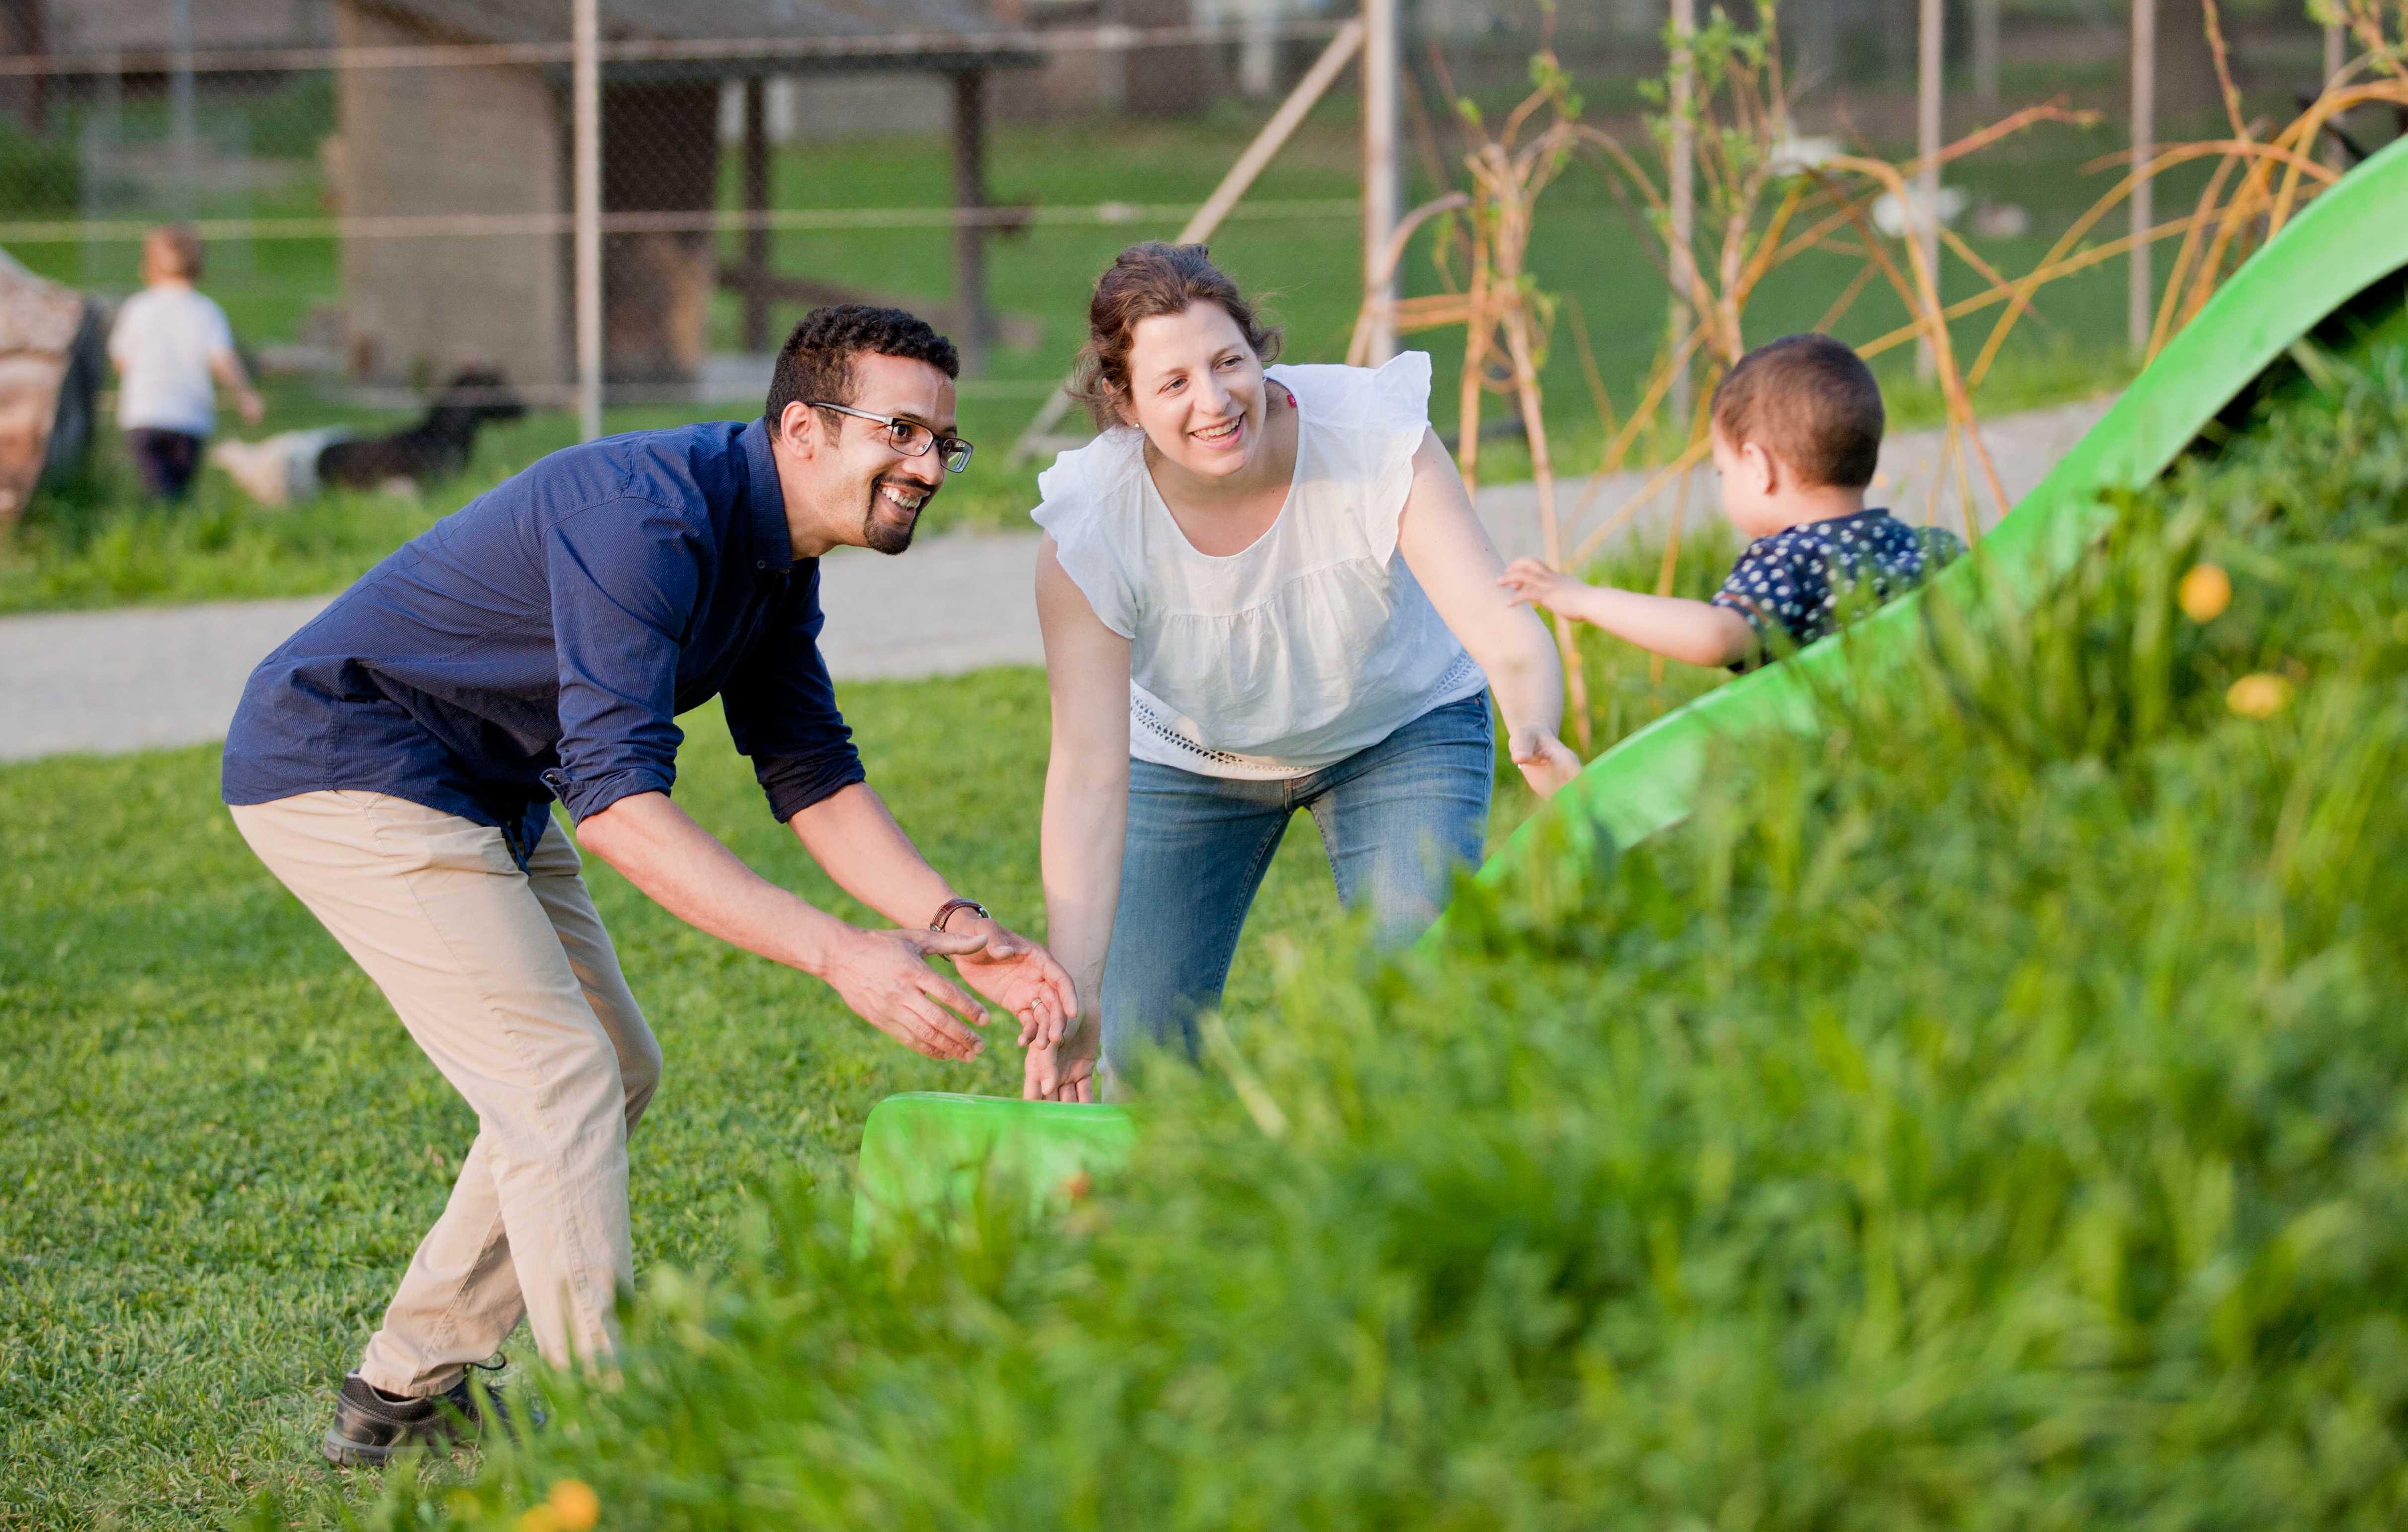 Brahim Aakti (links) mit seiner Familie auf dem Spielplatz.